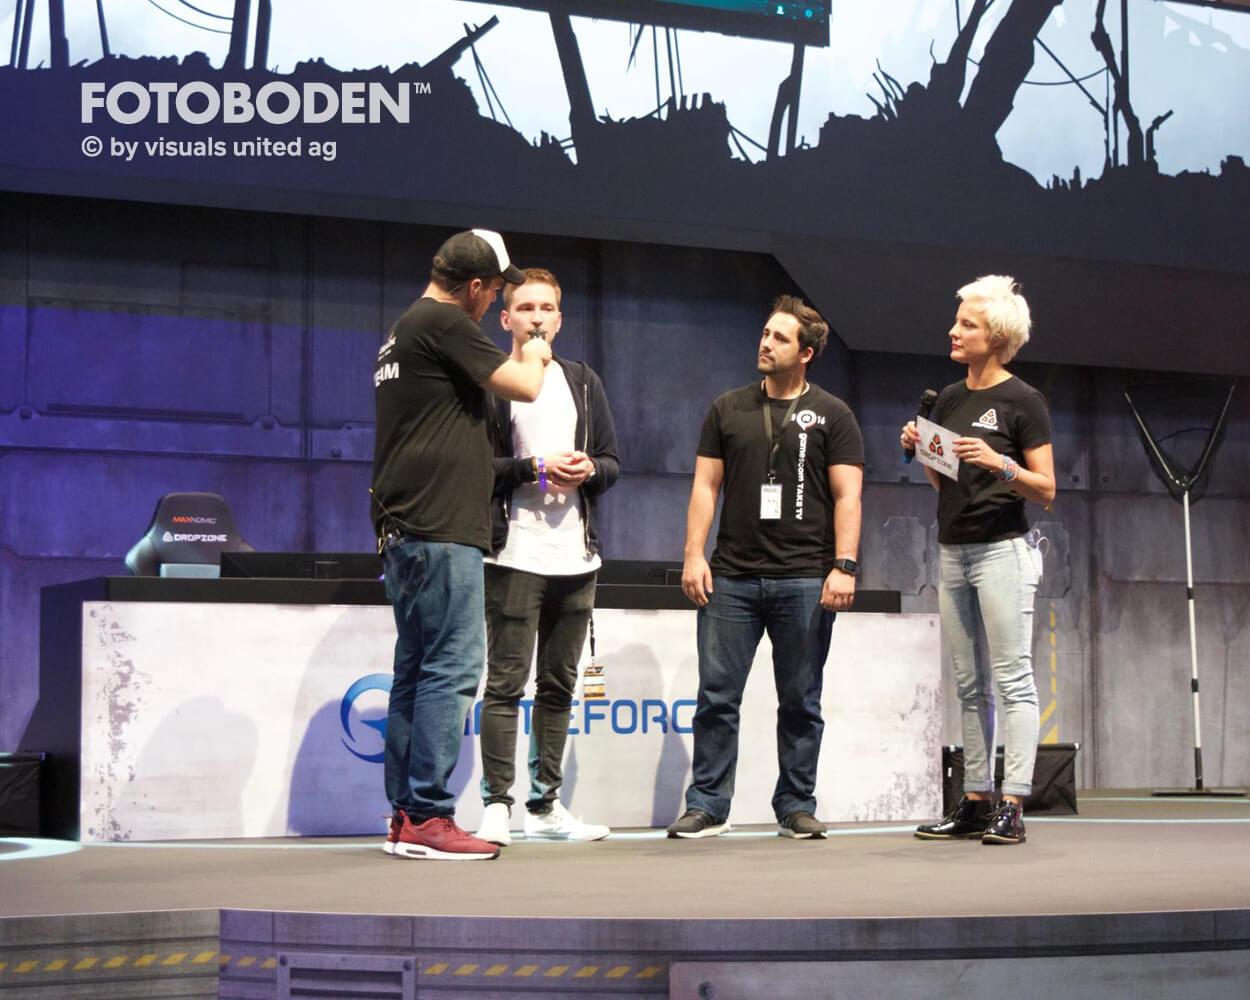 Gameforge Dropzone Stage Fotoboden